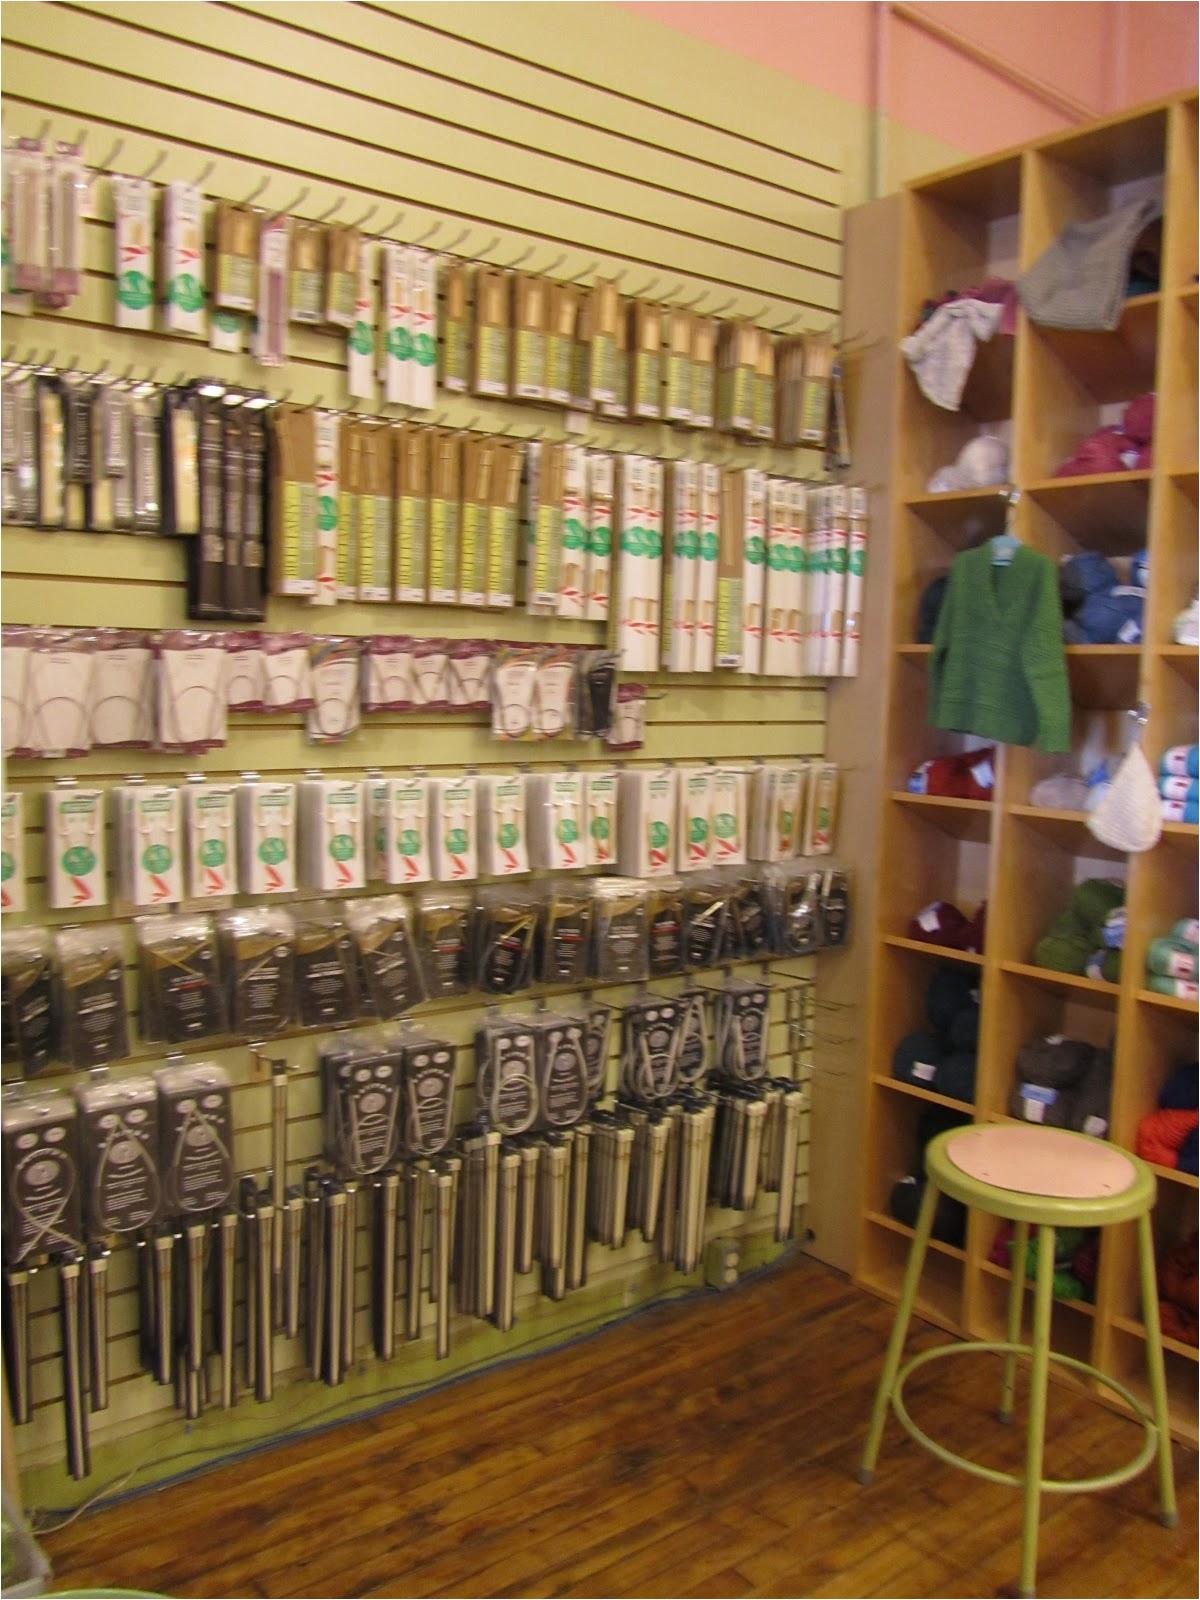 amazing needle stock